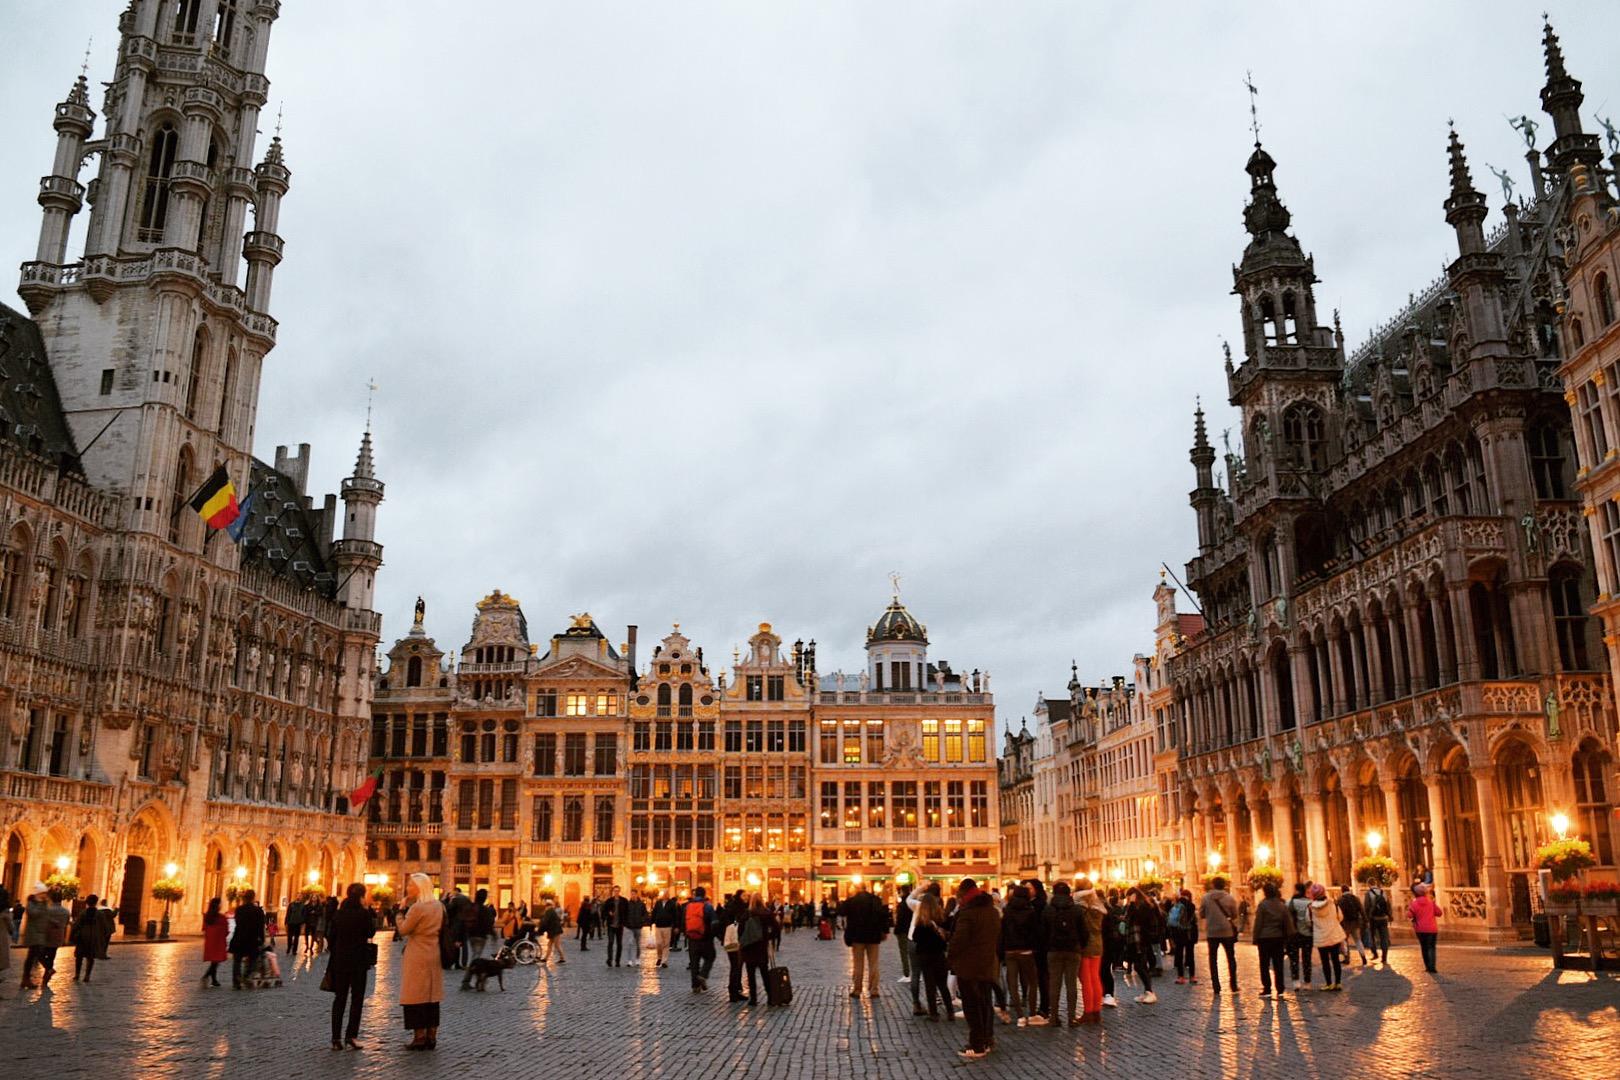 ブリュッセルで至高のひとときを。